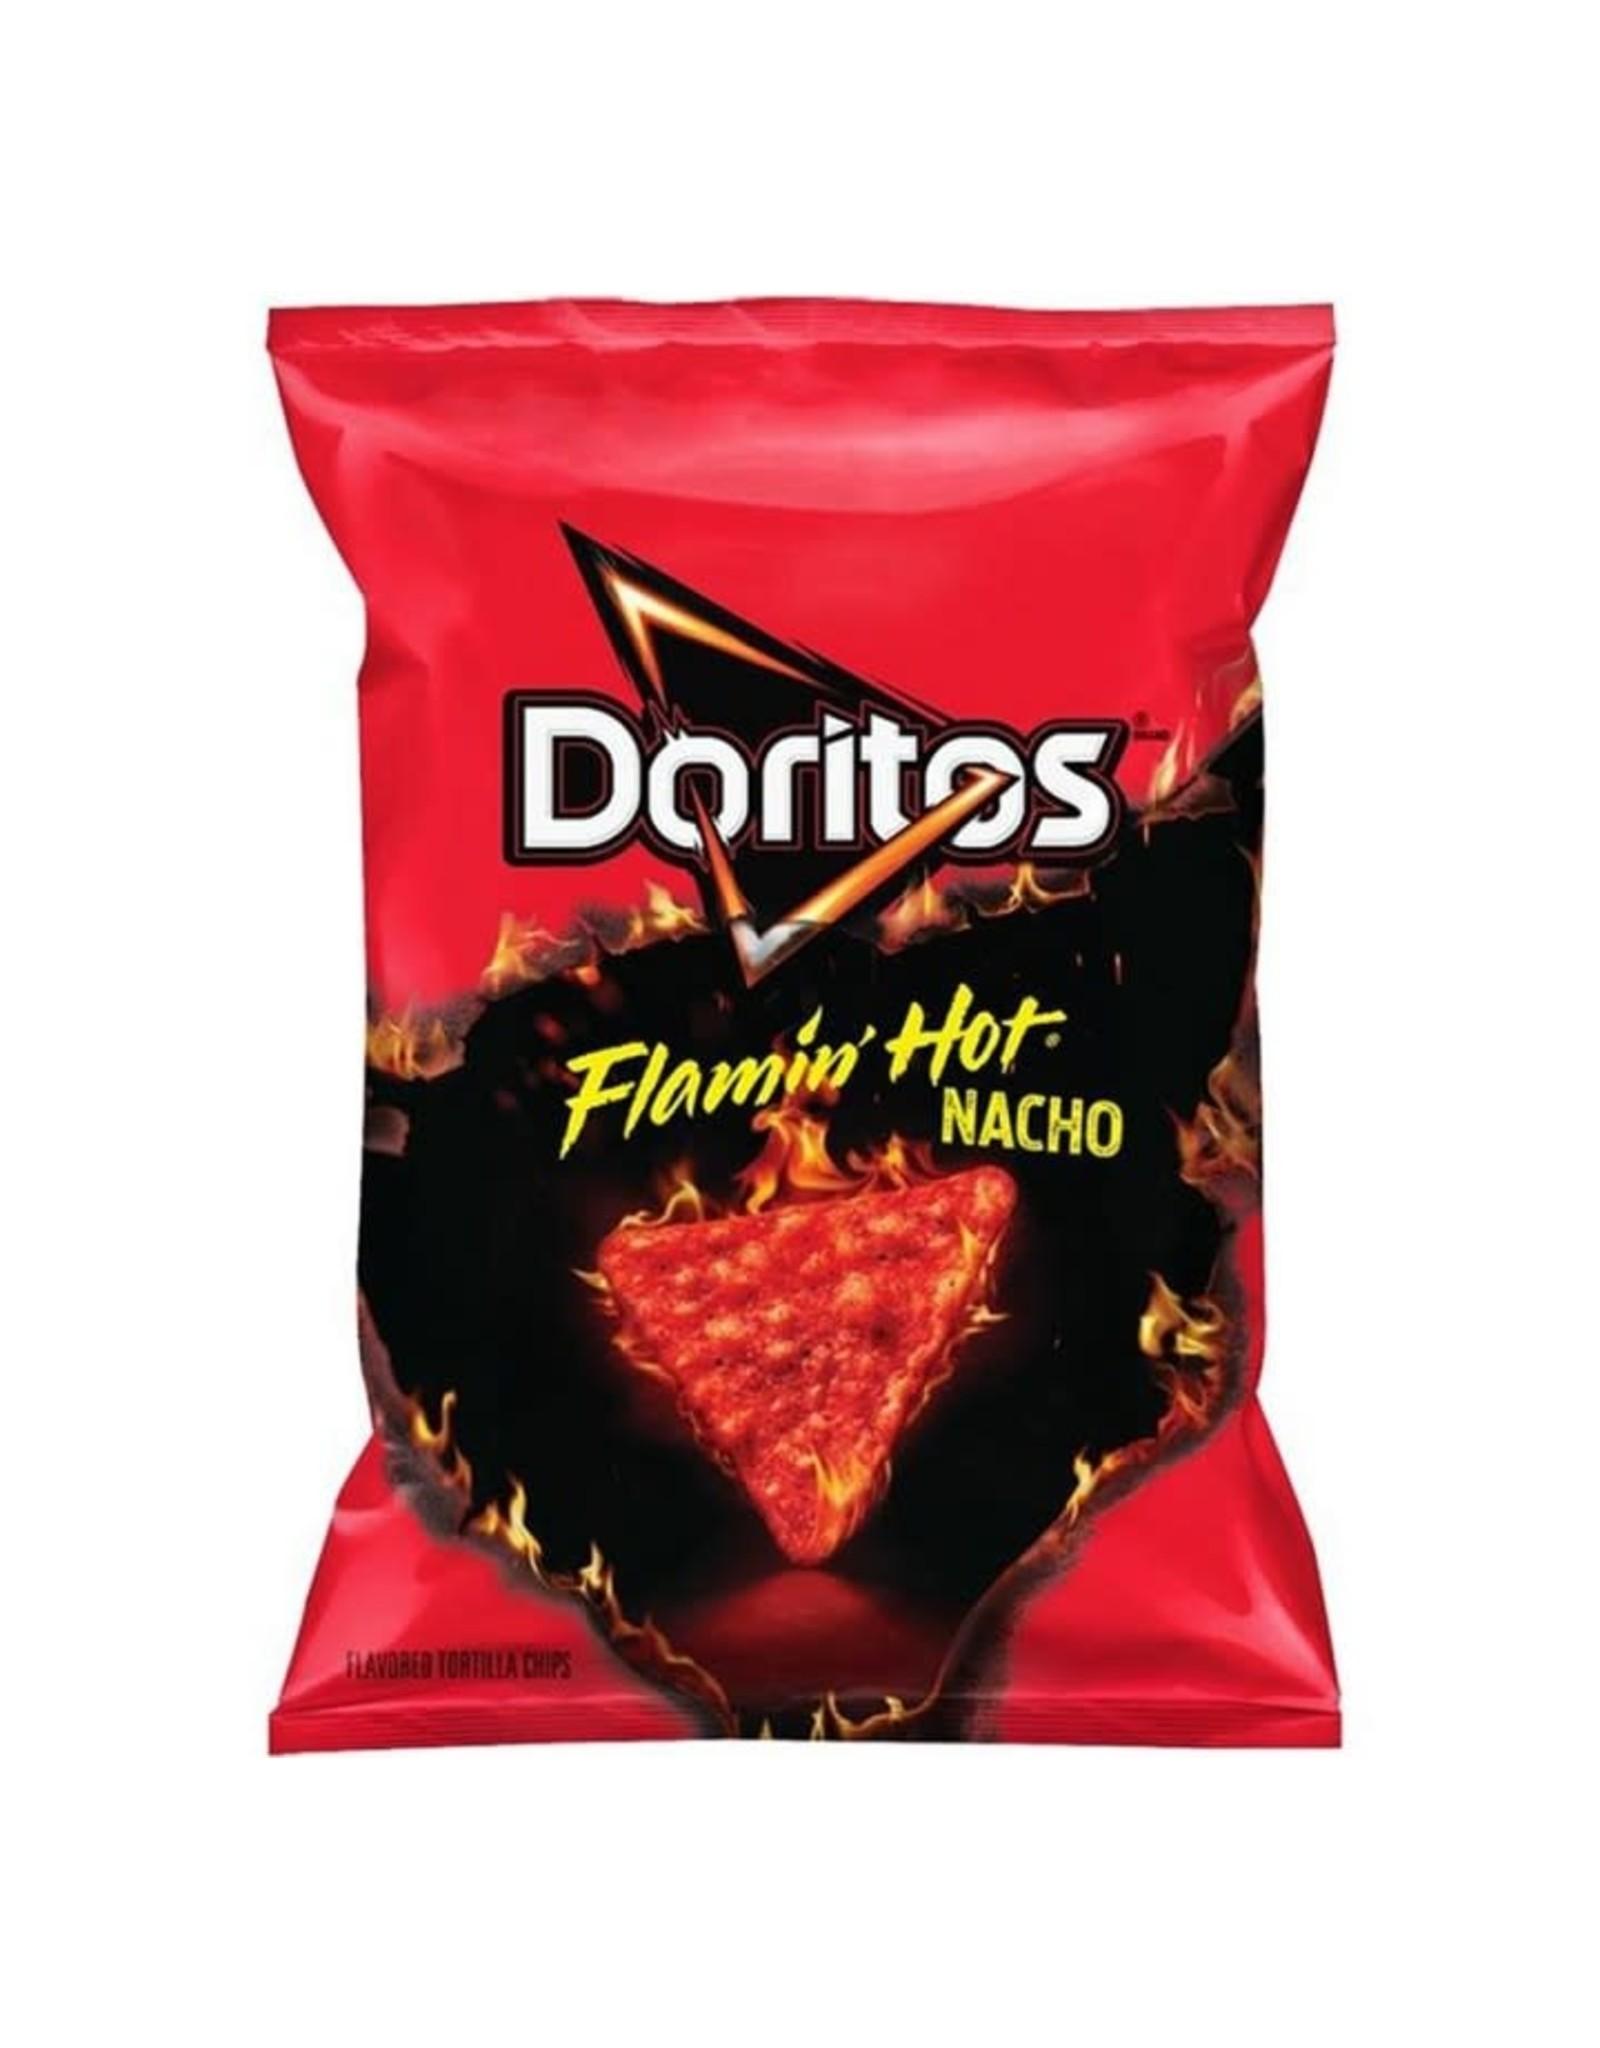 Doritos Flamin' Hot Nacho XL - 311.8g